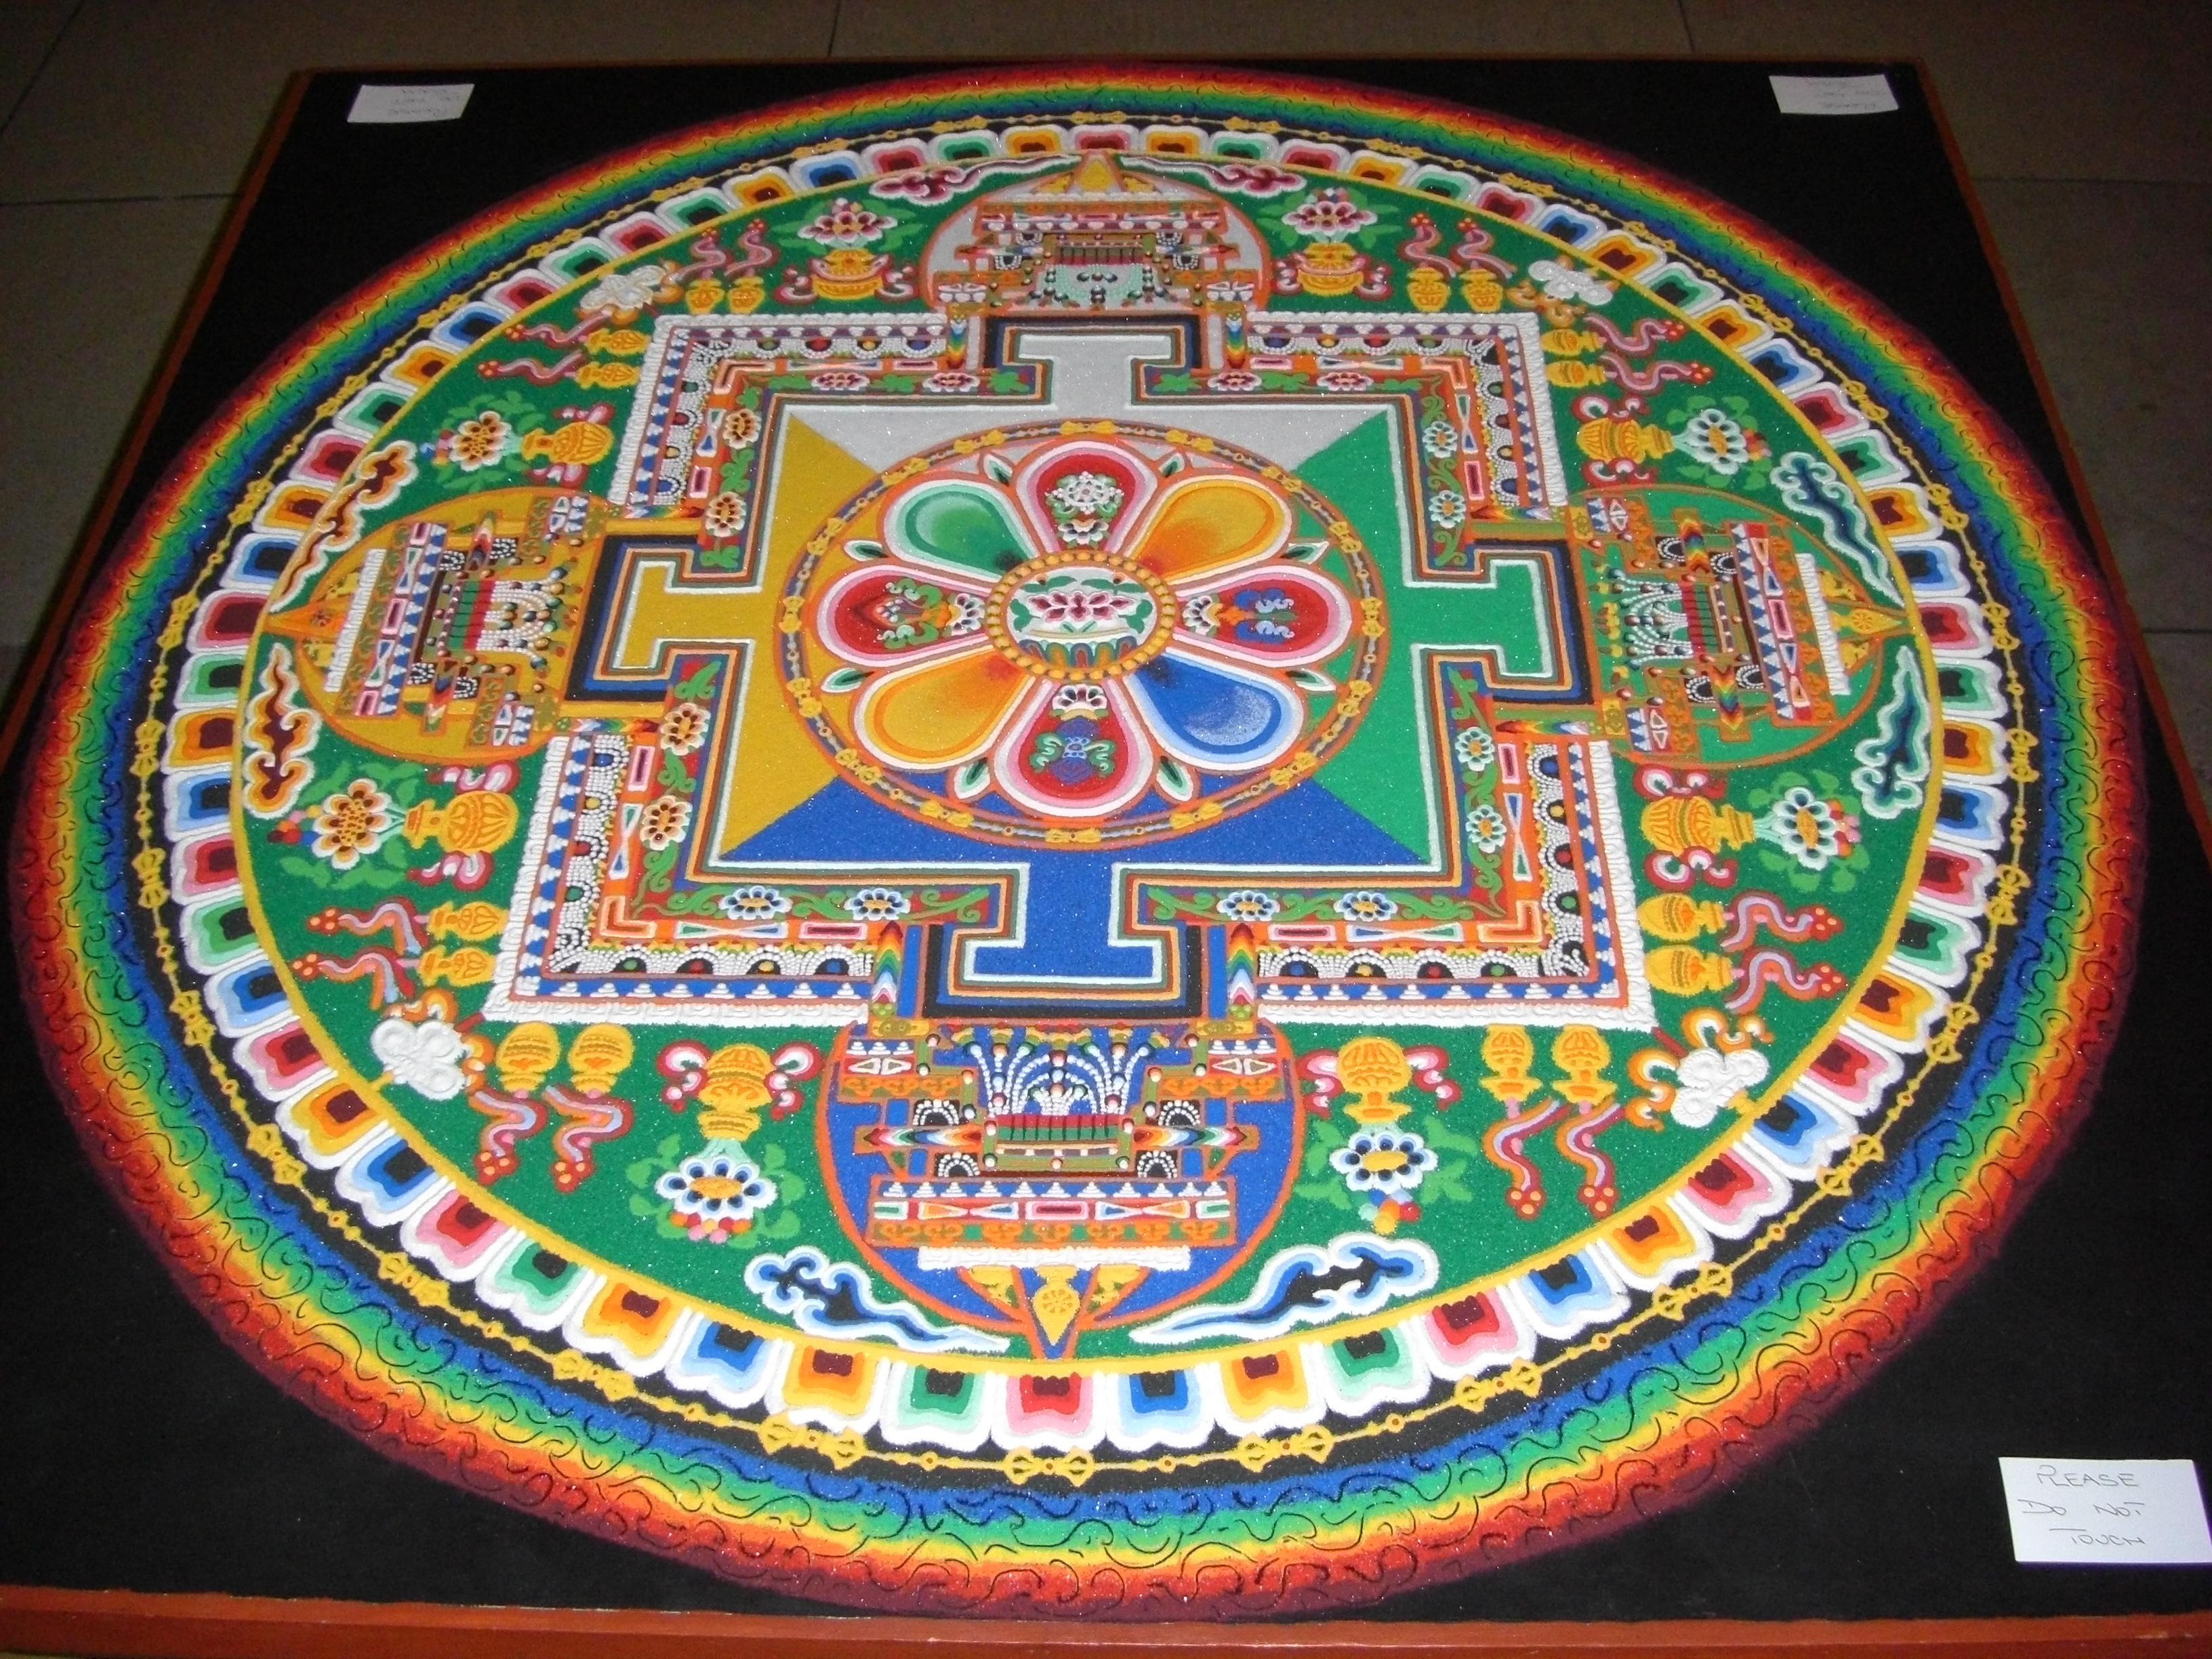 https://upload.wikimedia.org/wikipedia/commons/d/da/Chenrezig_Sand_Mandala.jpg